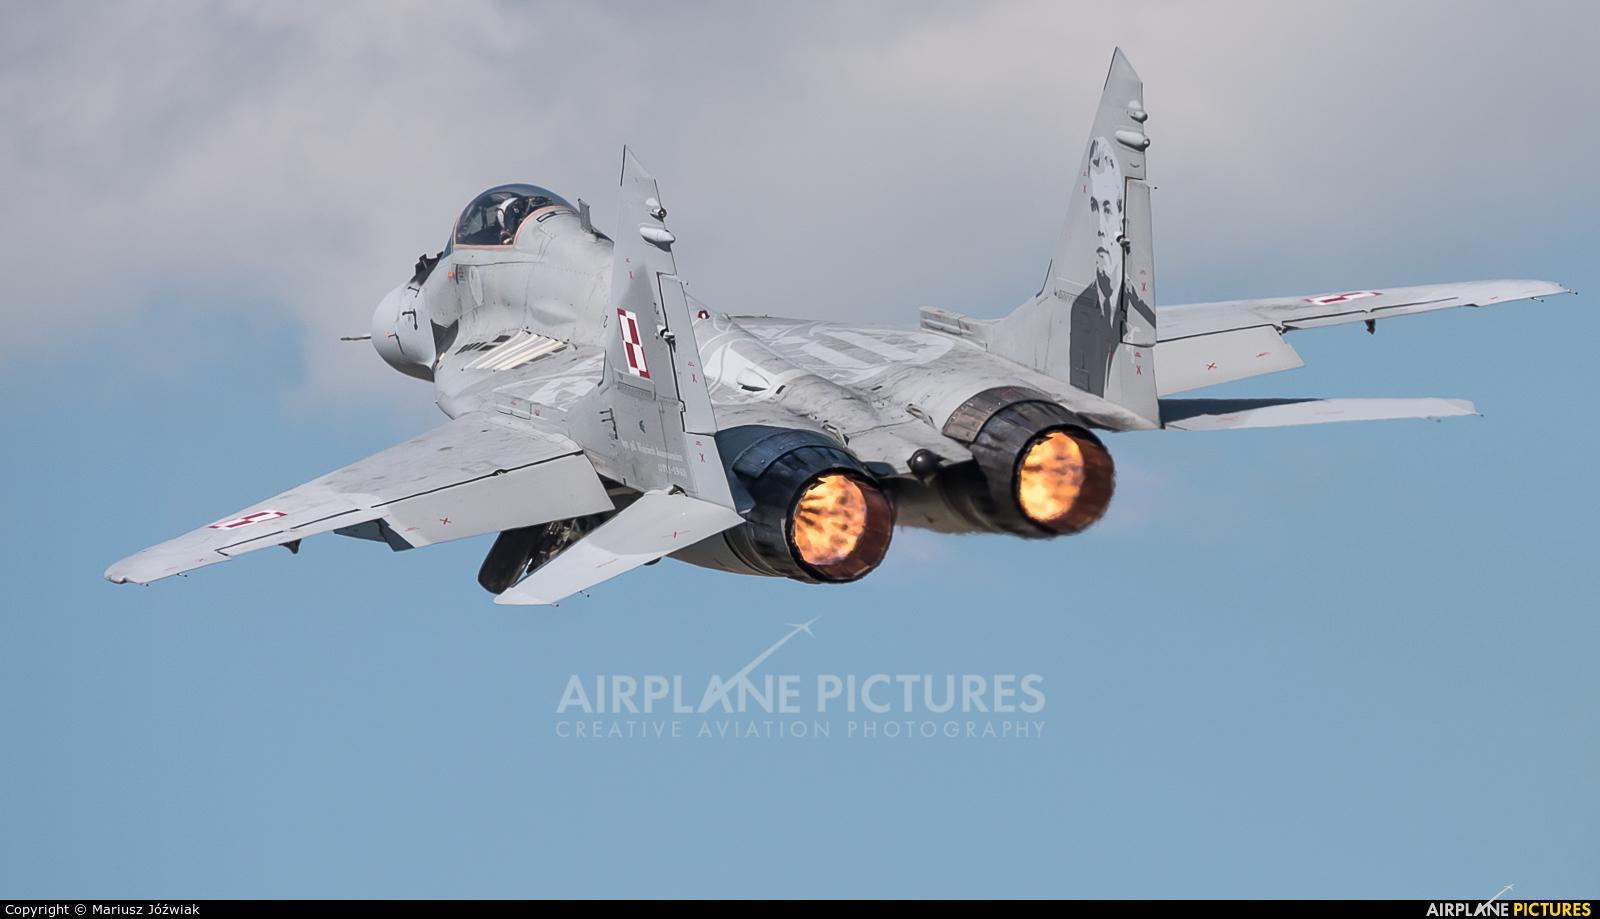 Poland - Air Force 38 aircraft at Malbork